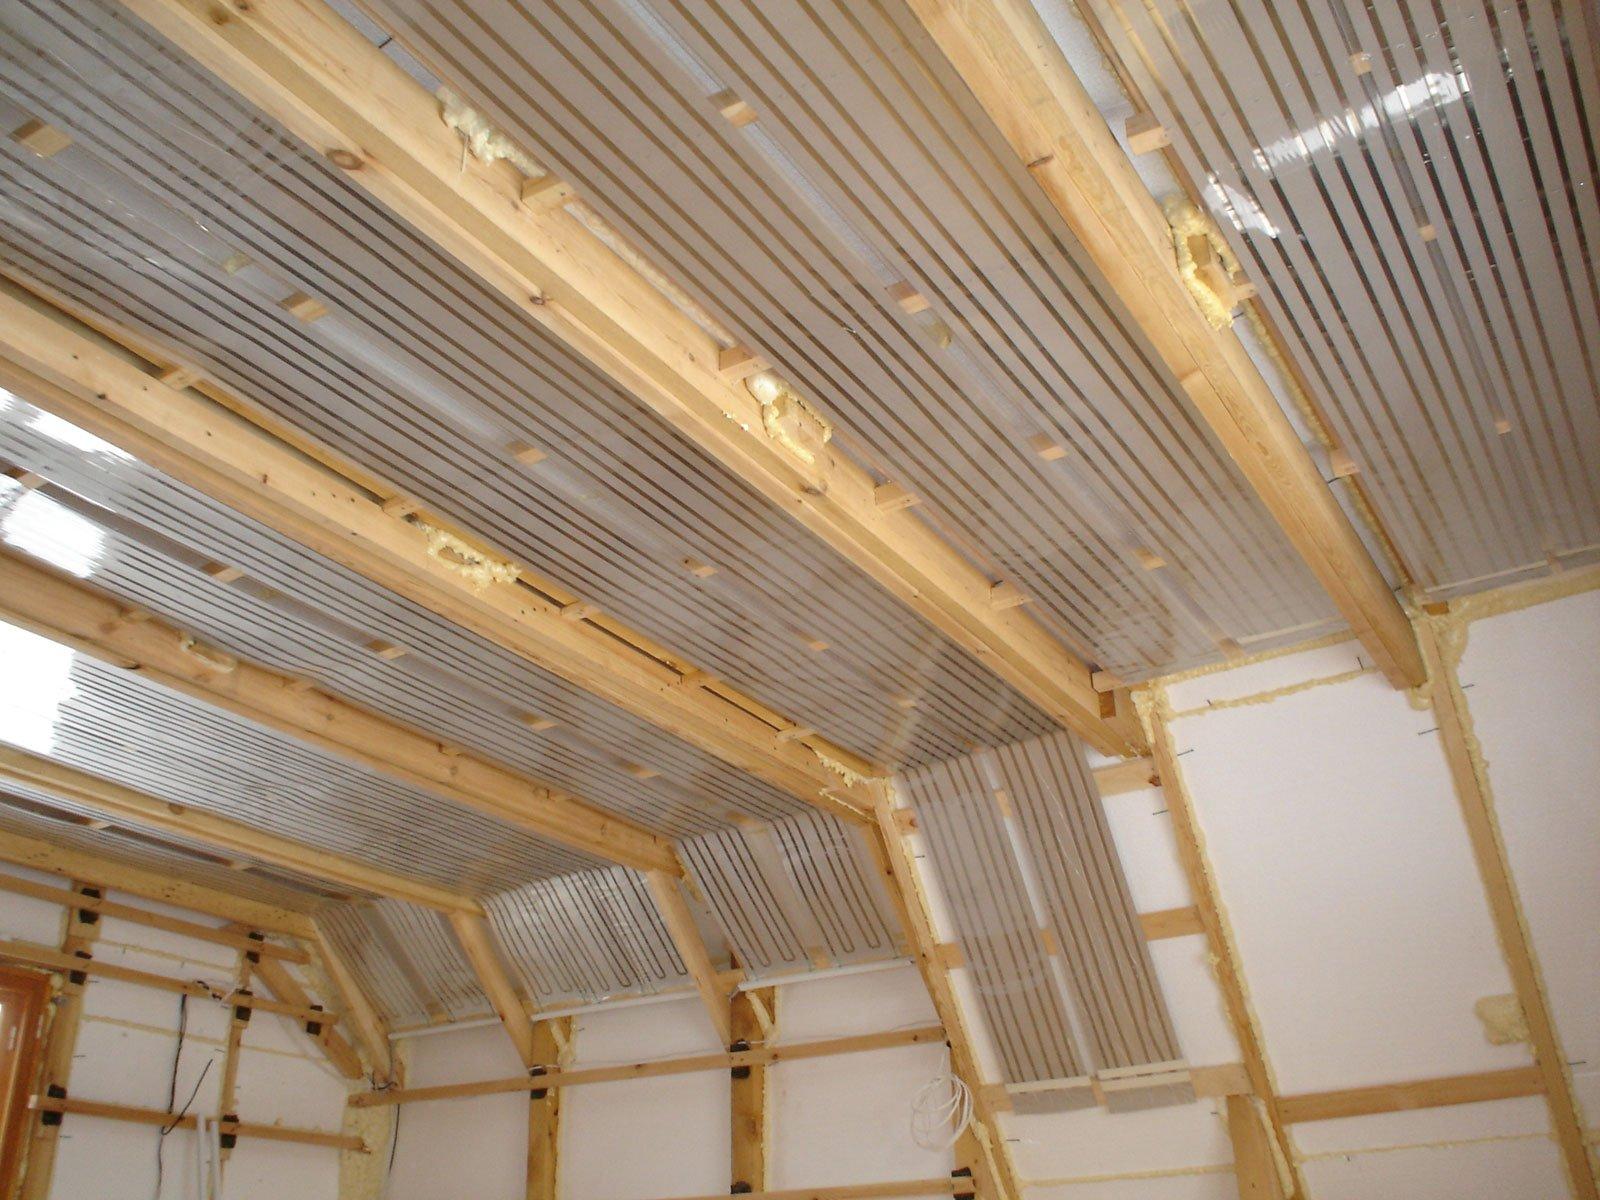 Как правильно утеплить потолок деревянного здания